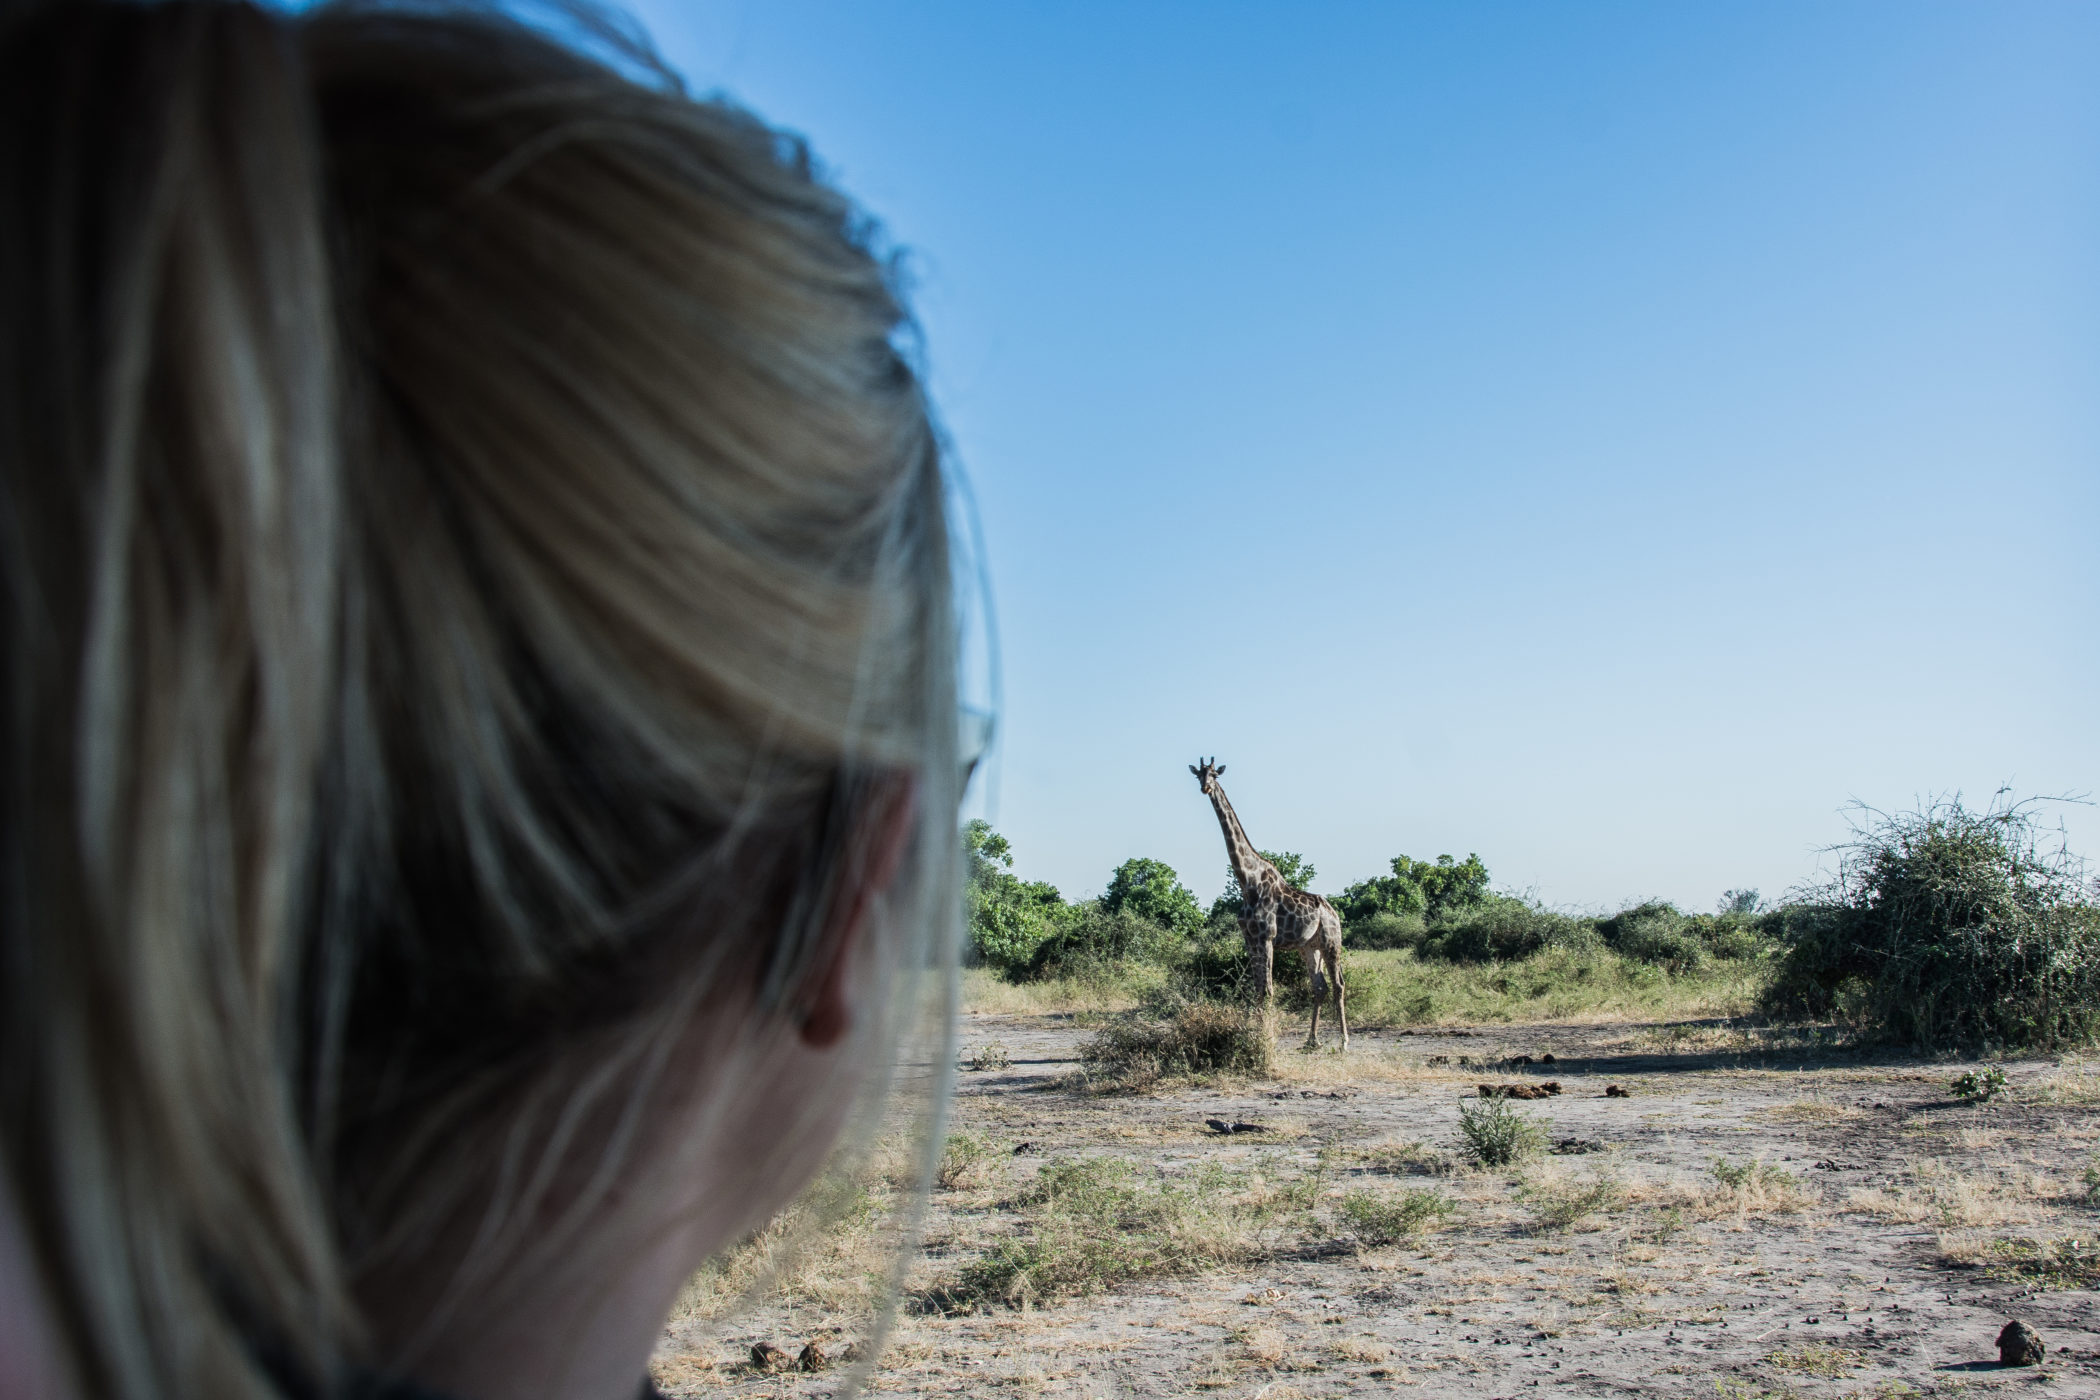 Afrika-Botswana-Giraffe-Vanessa